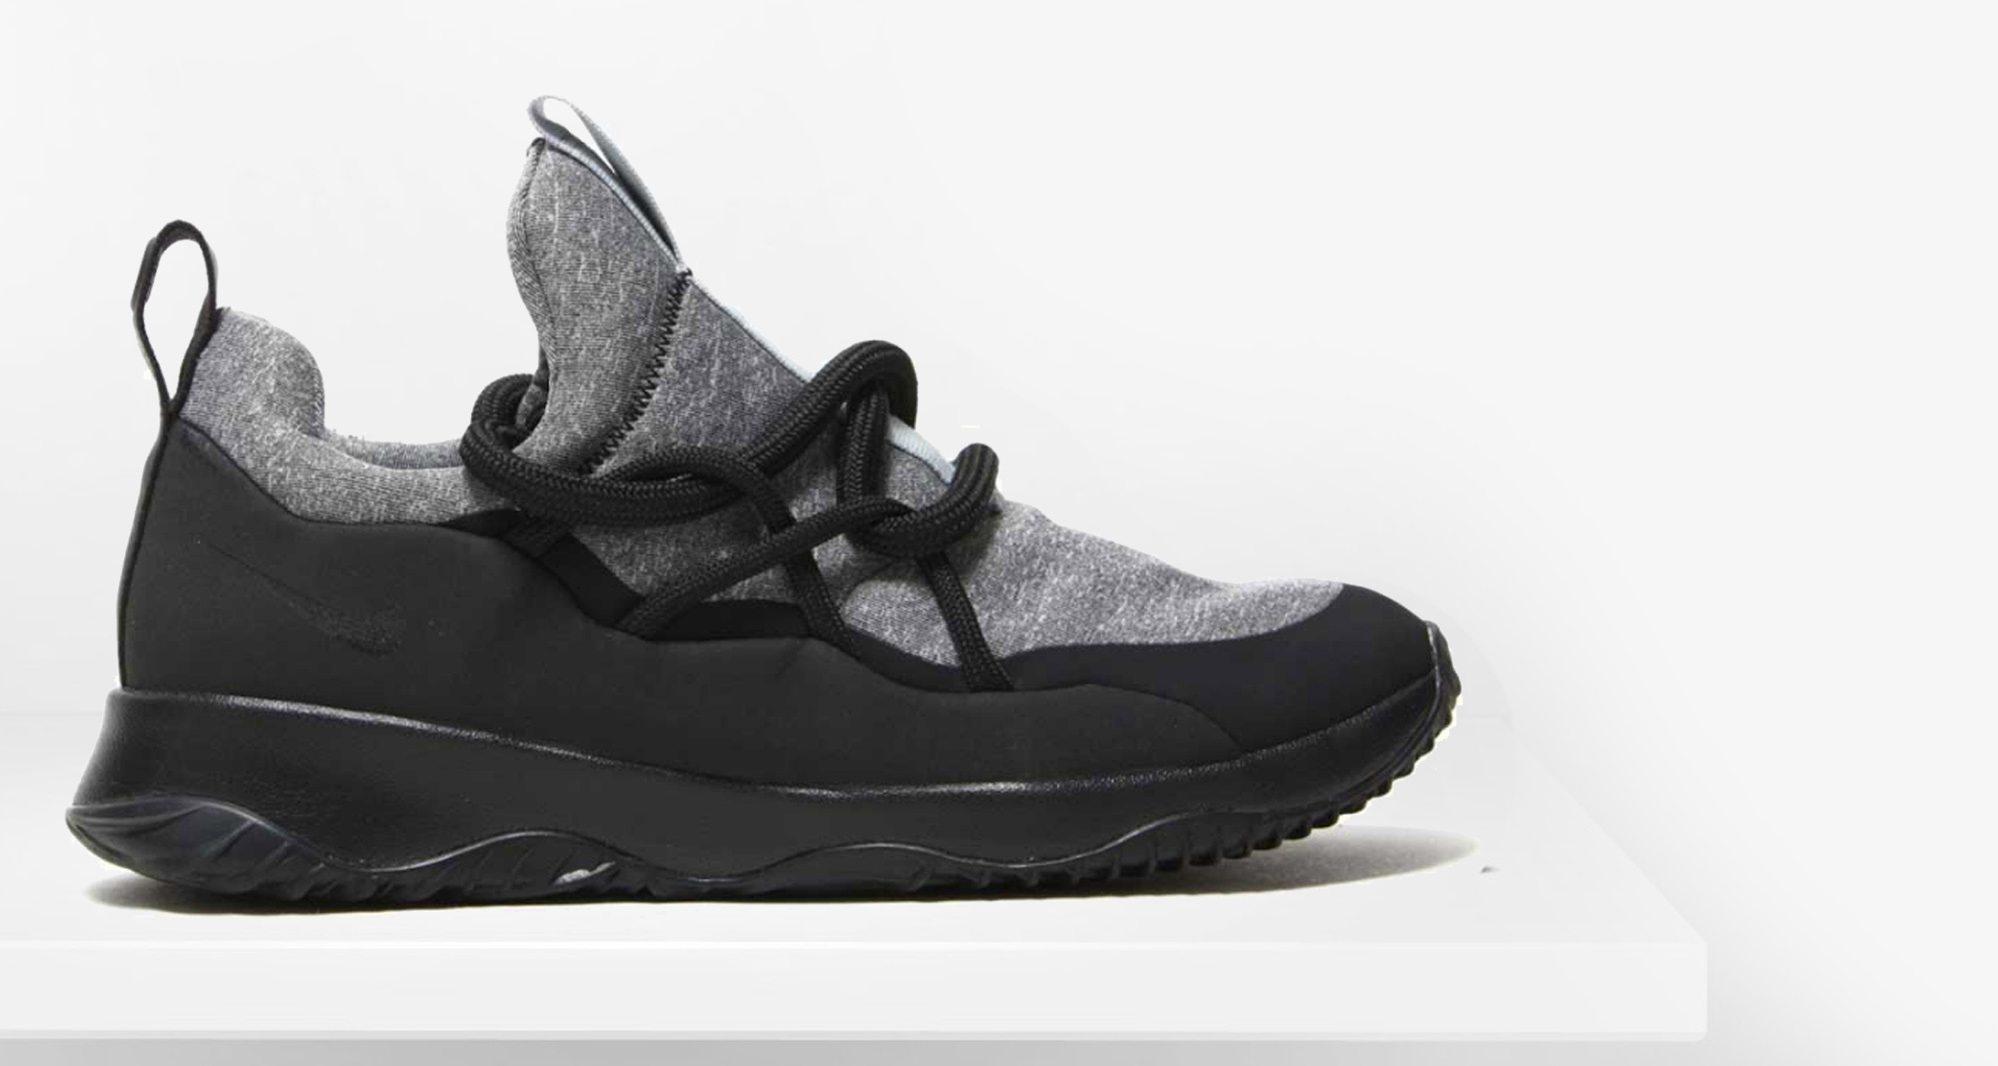 a2a994f52a4b57 Nike Sportswear Dresses All-New City Loop Shoe in Tech Fleece